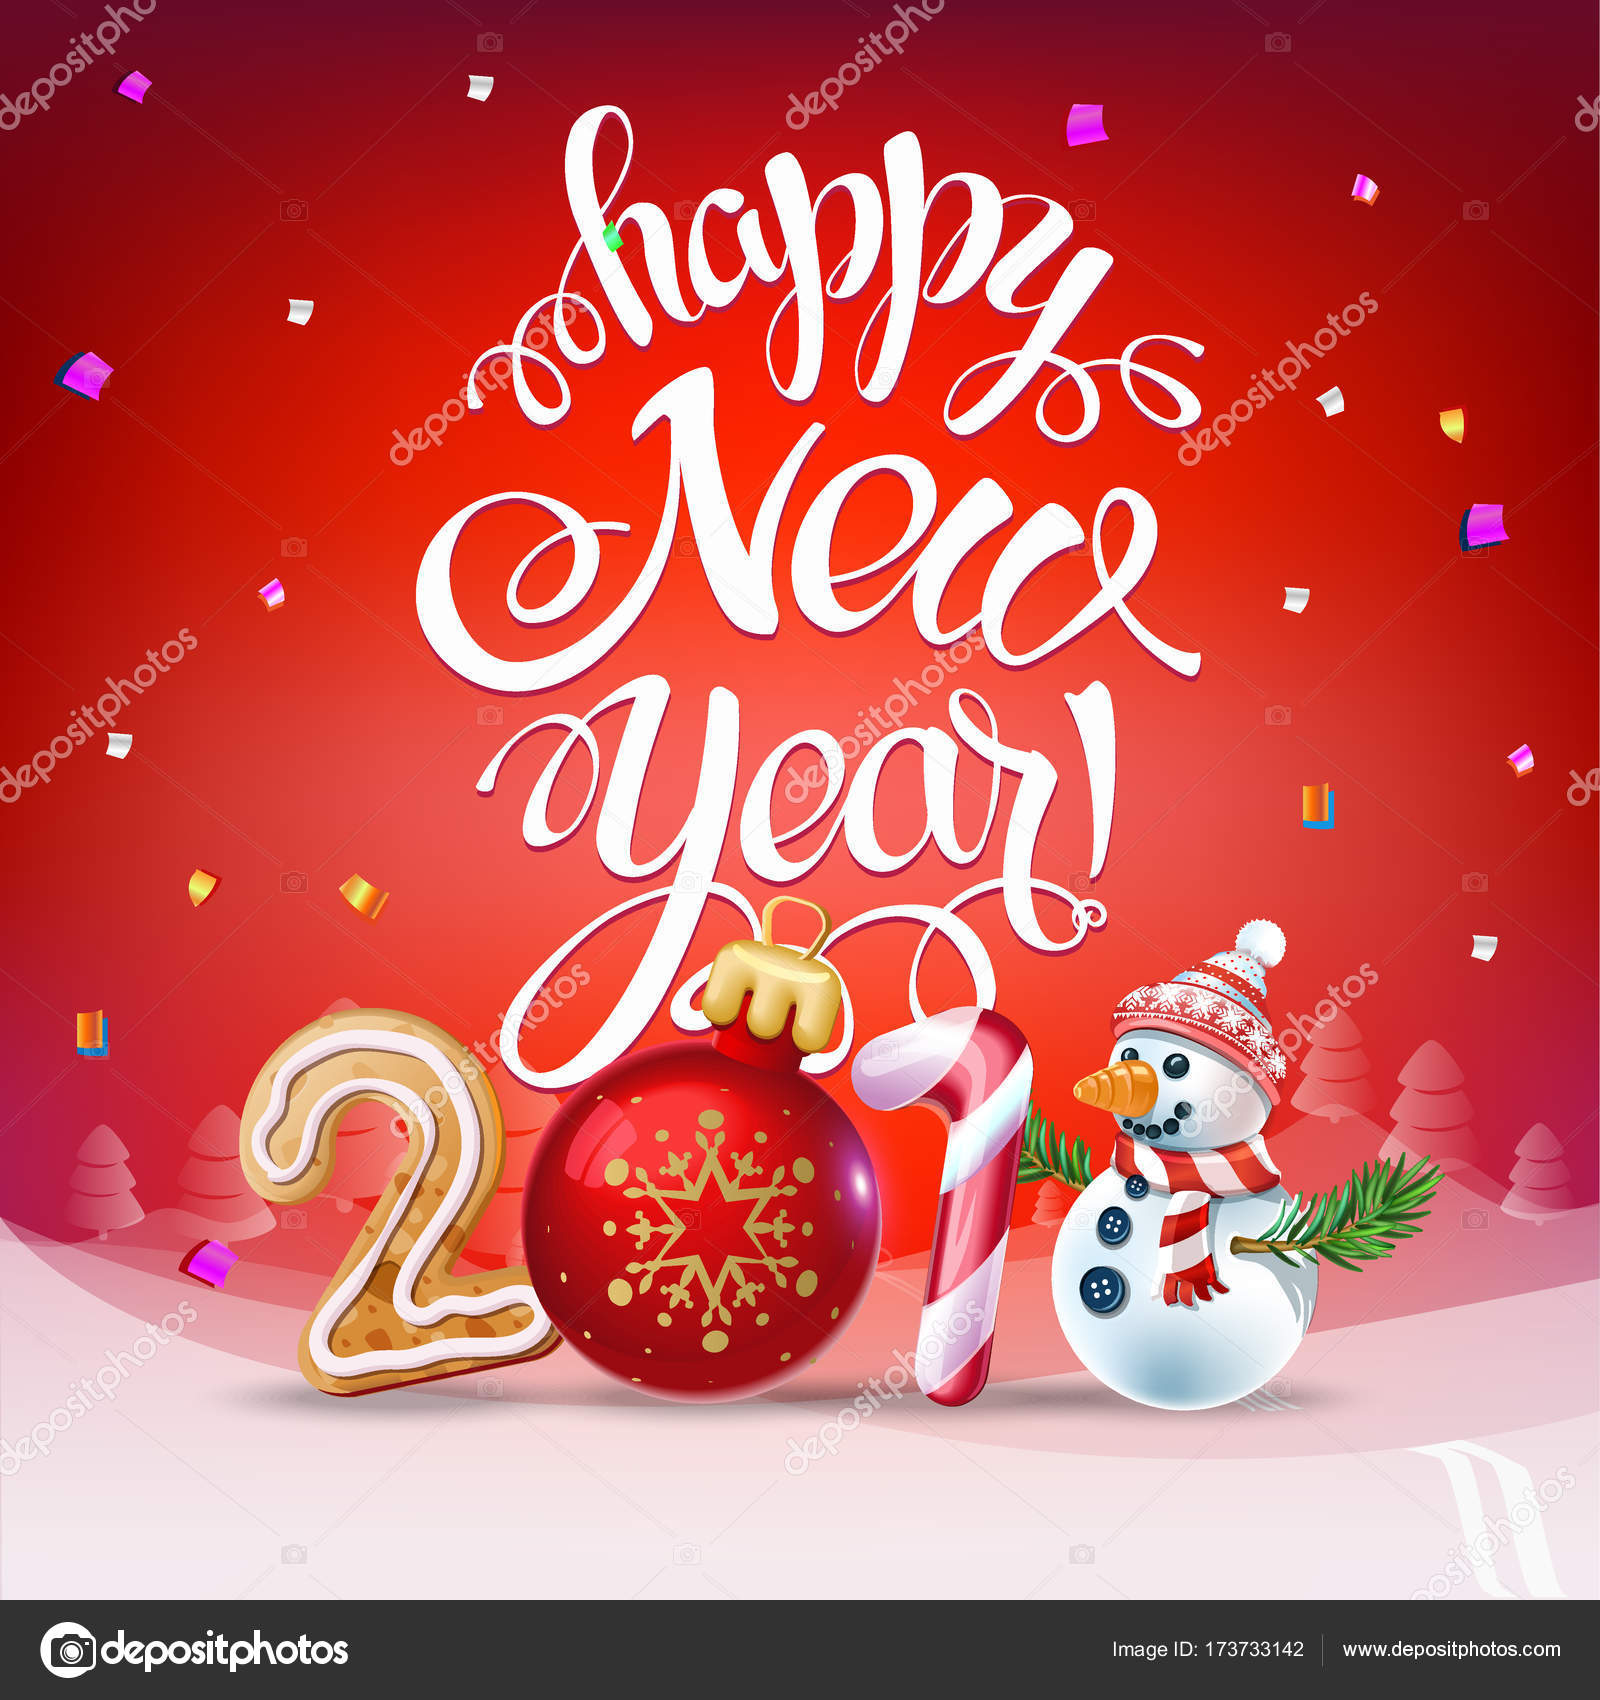 Joyeux Noel Et Nouvel An.Carte D Affiche Joyeux Noel 2018 Decoration Image